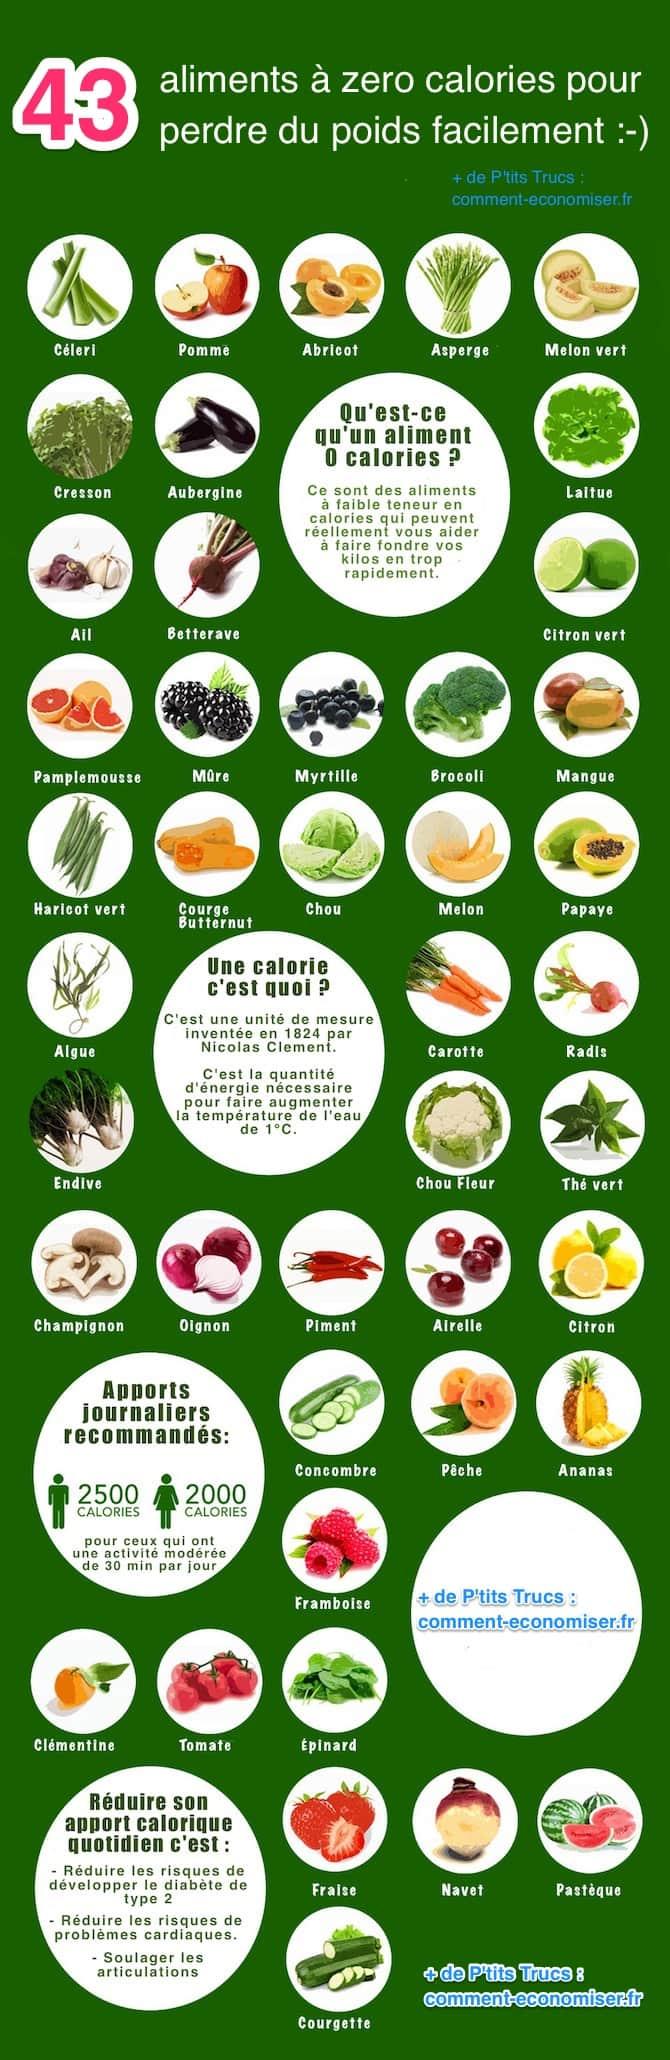 Combien de calories par jour pour perdre 1 kilo par semaine ?